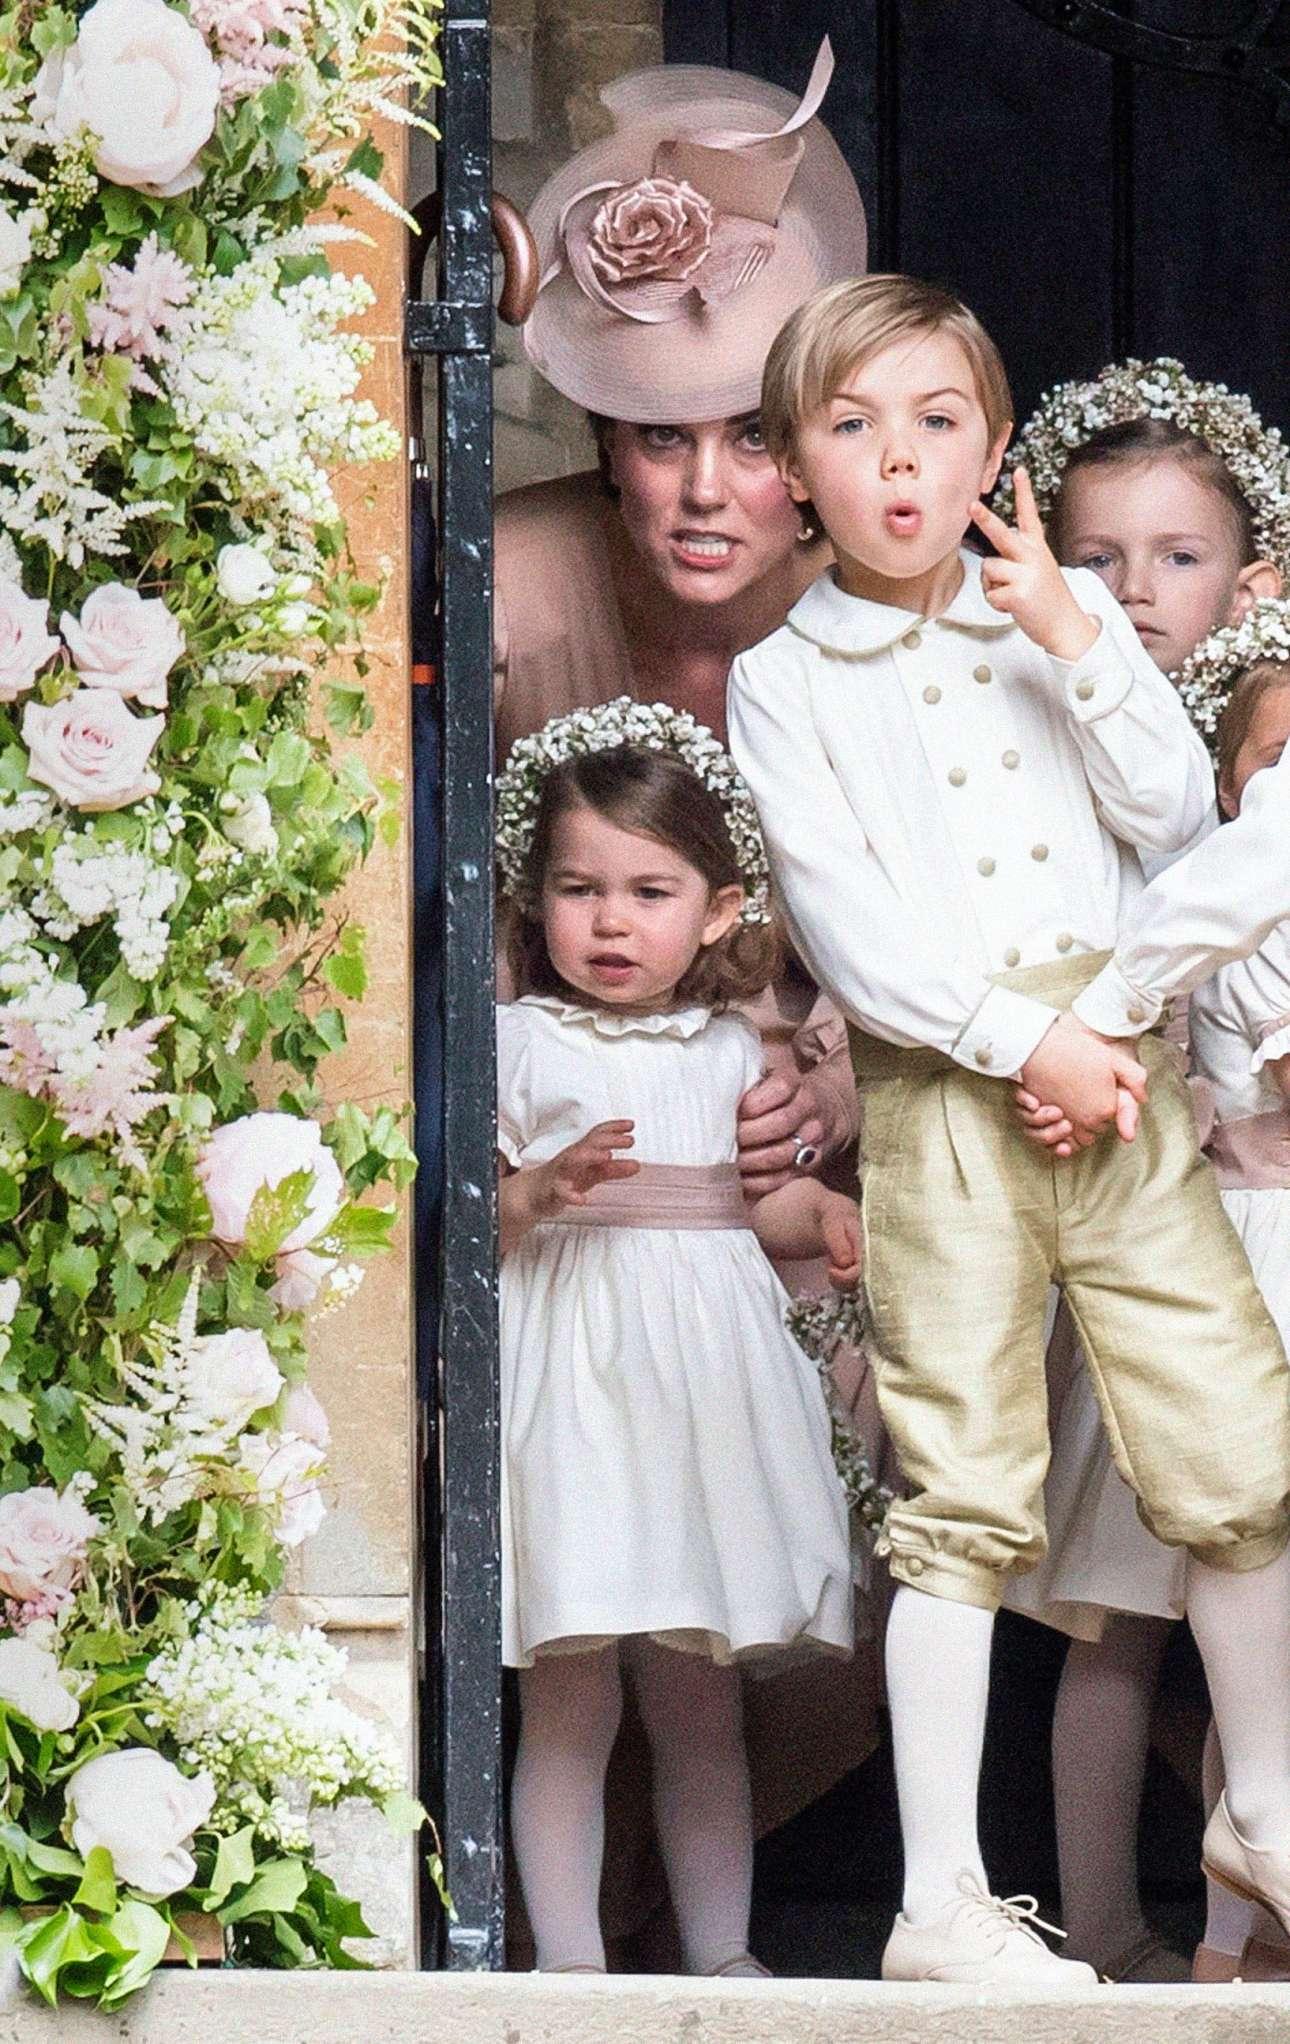 Αναρχία στο Ηνωμένο Βασιλείο... Η Δούκισσα του Κέιμπριτζ προσπαθεί να μαζέψει την κόρη της και τα υπόλοιπα άτακτα παρανυμφάκια, στον γάμο της αδελφής της Πίπα